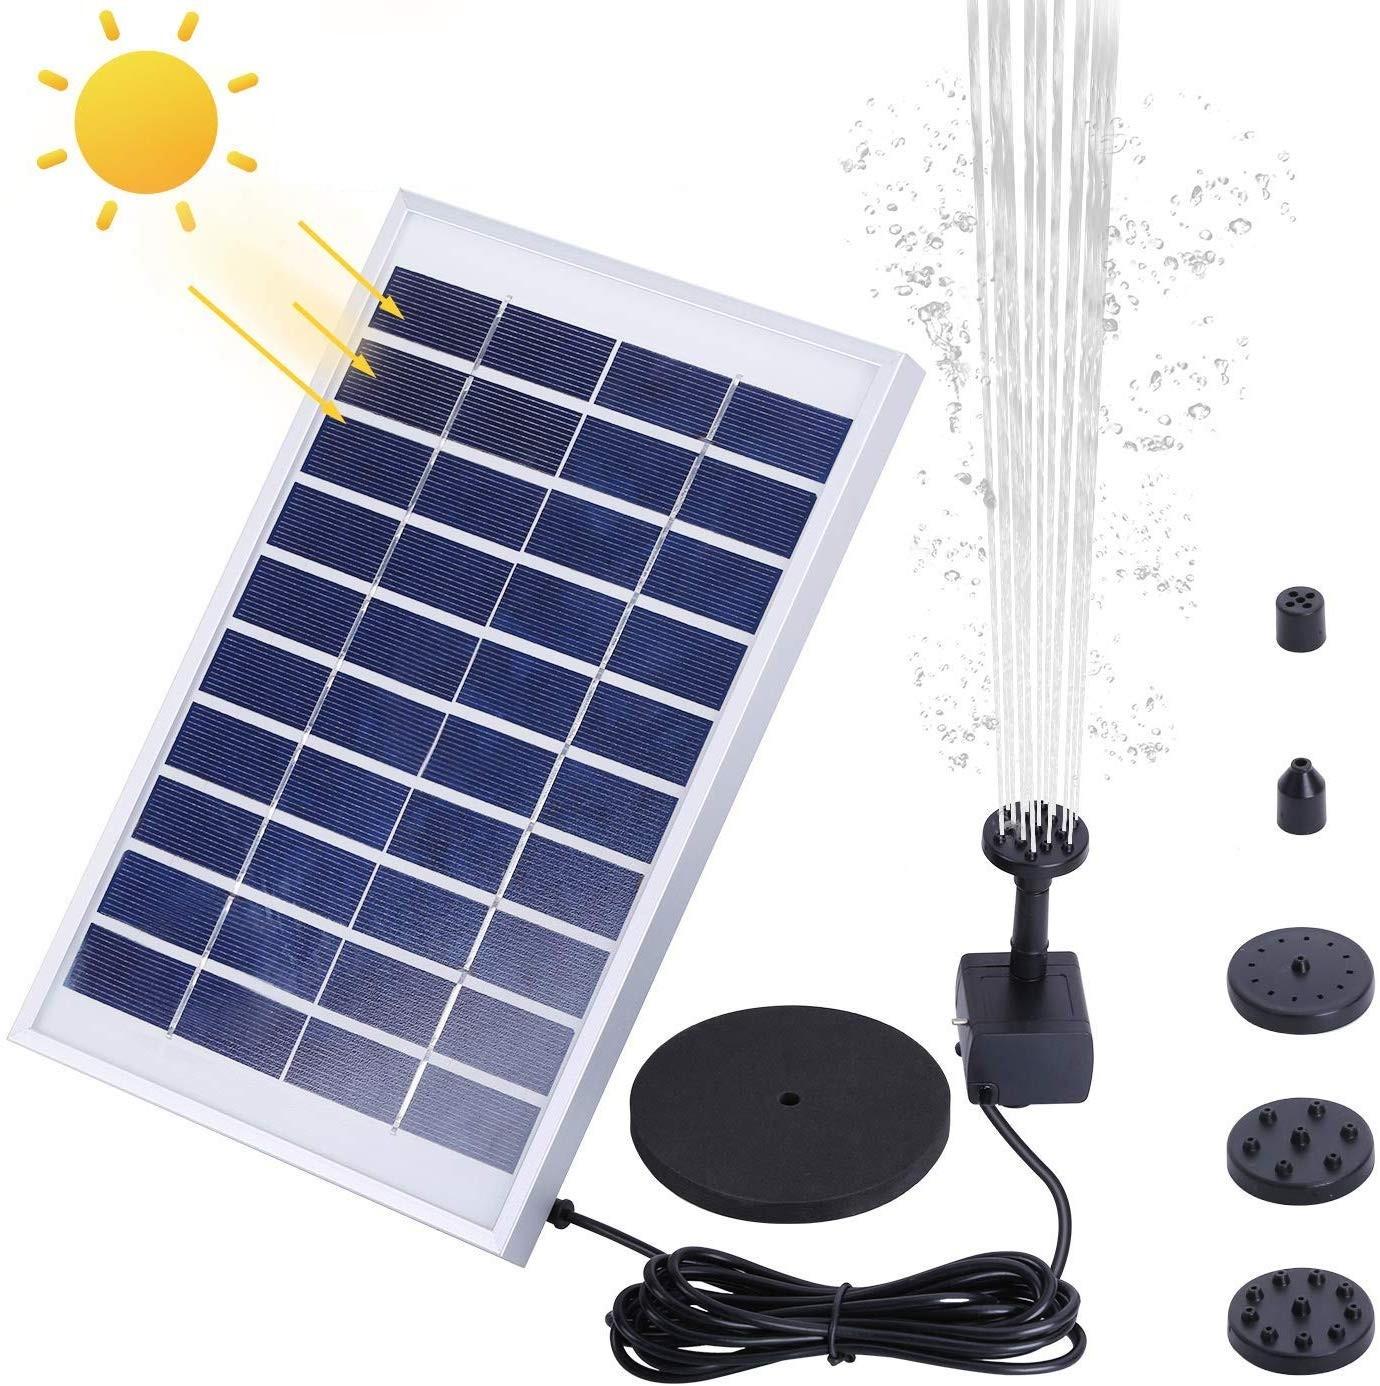 AISITIN 1000mAh 5.0W Solar Fountain Pump